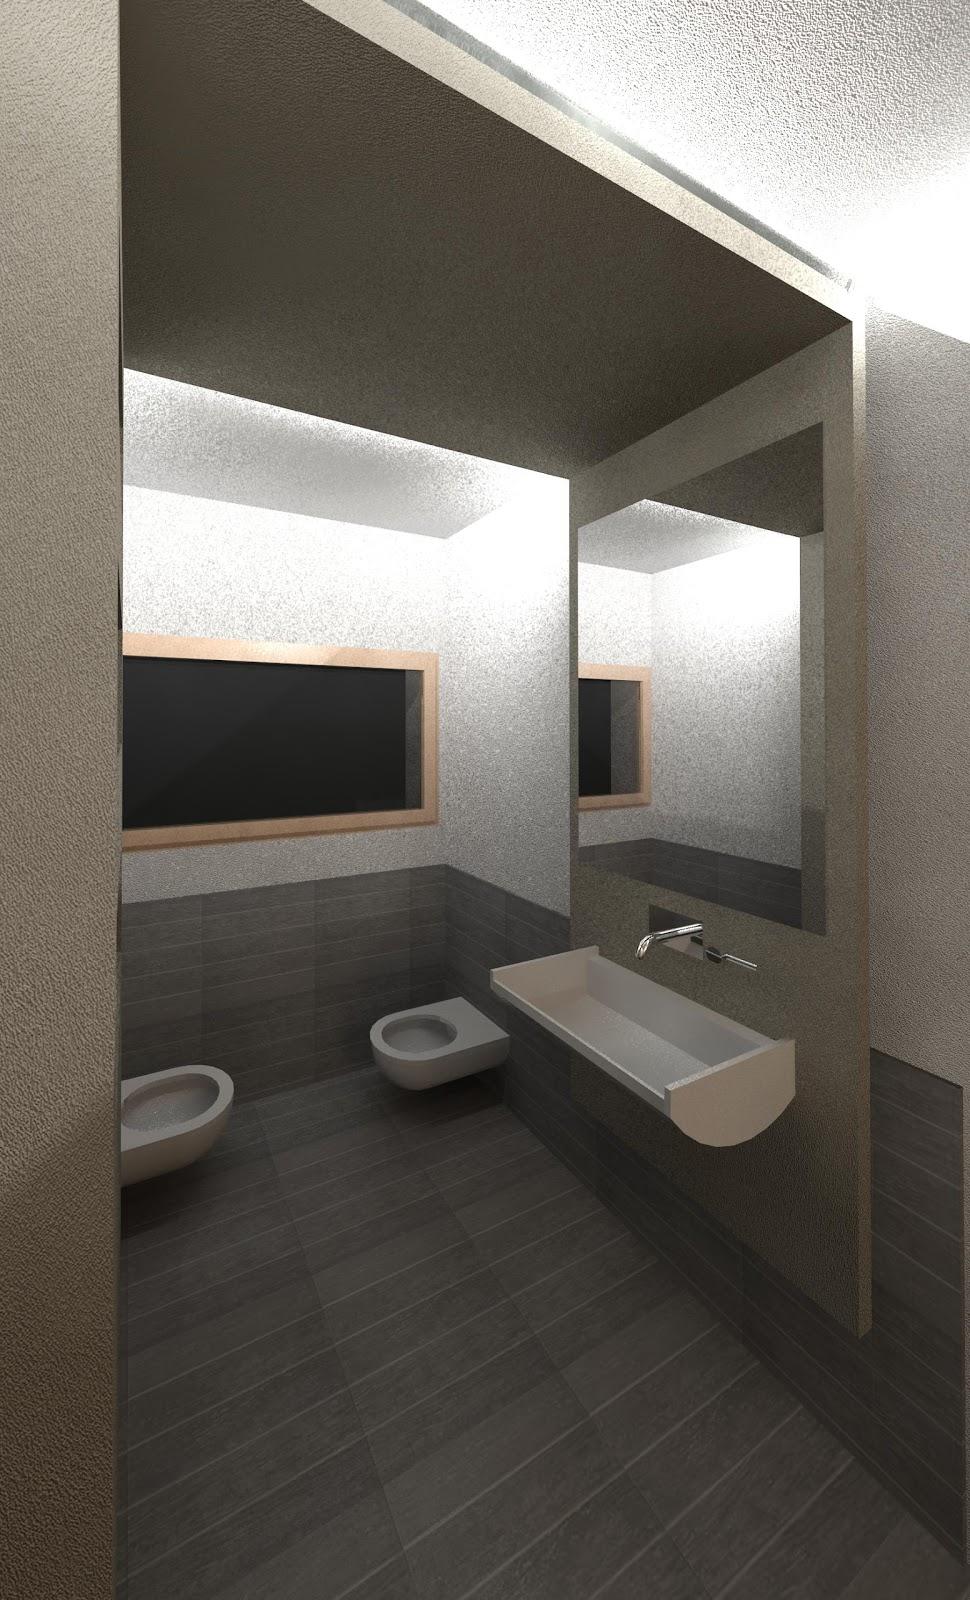 Geometra pprogetto di un bagno con stile moderno - Pavimento bagno moderno ...